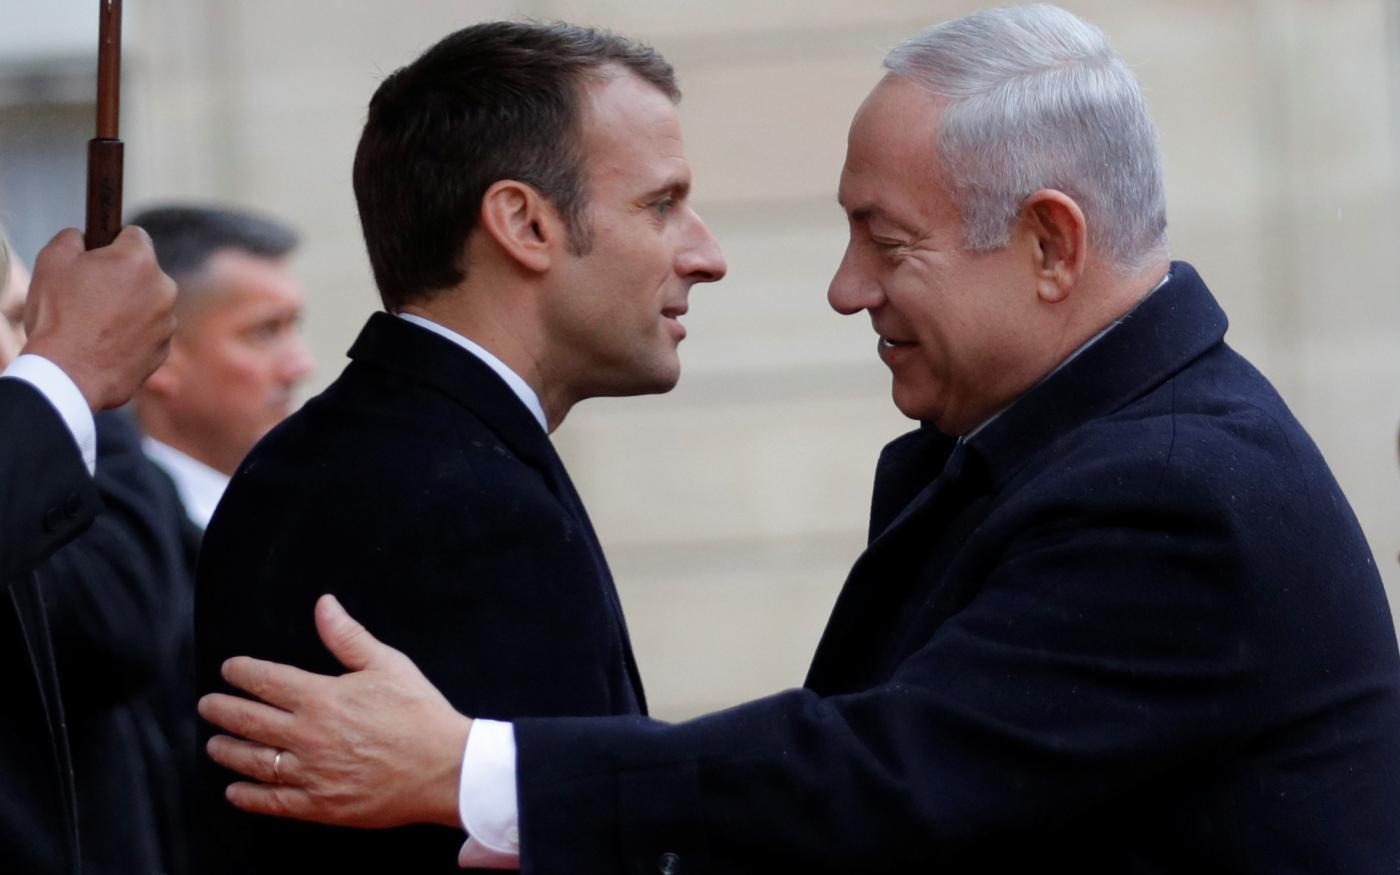 Le président français Emmanuel Macron accueille le Premier ministre israélien Benyamin Netanyahou à Paris, le 11 novembre 2018 (Reuters)